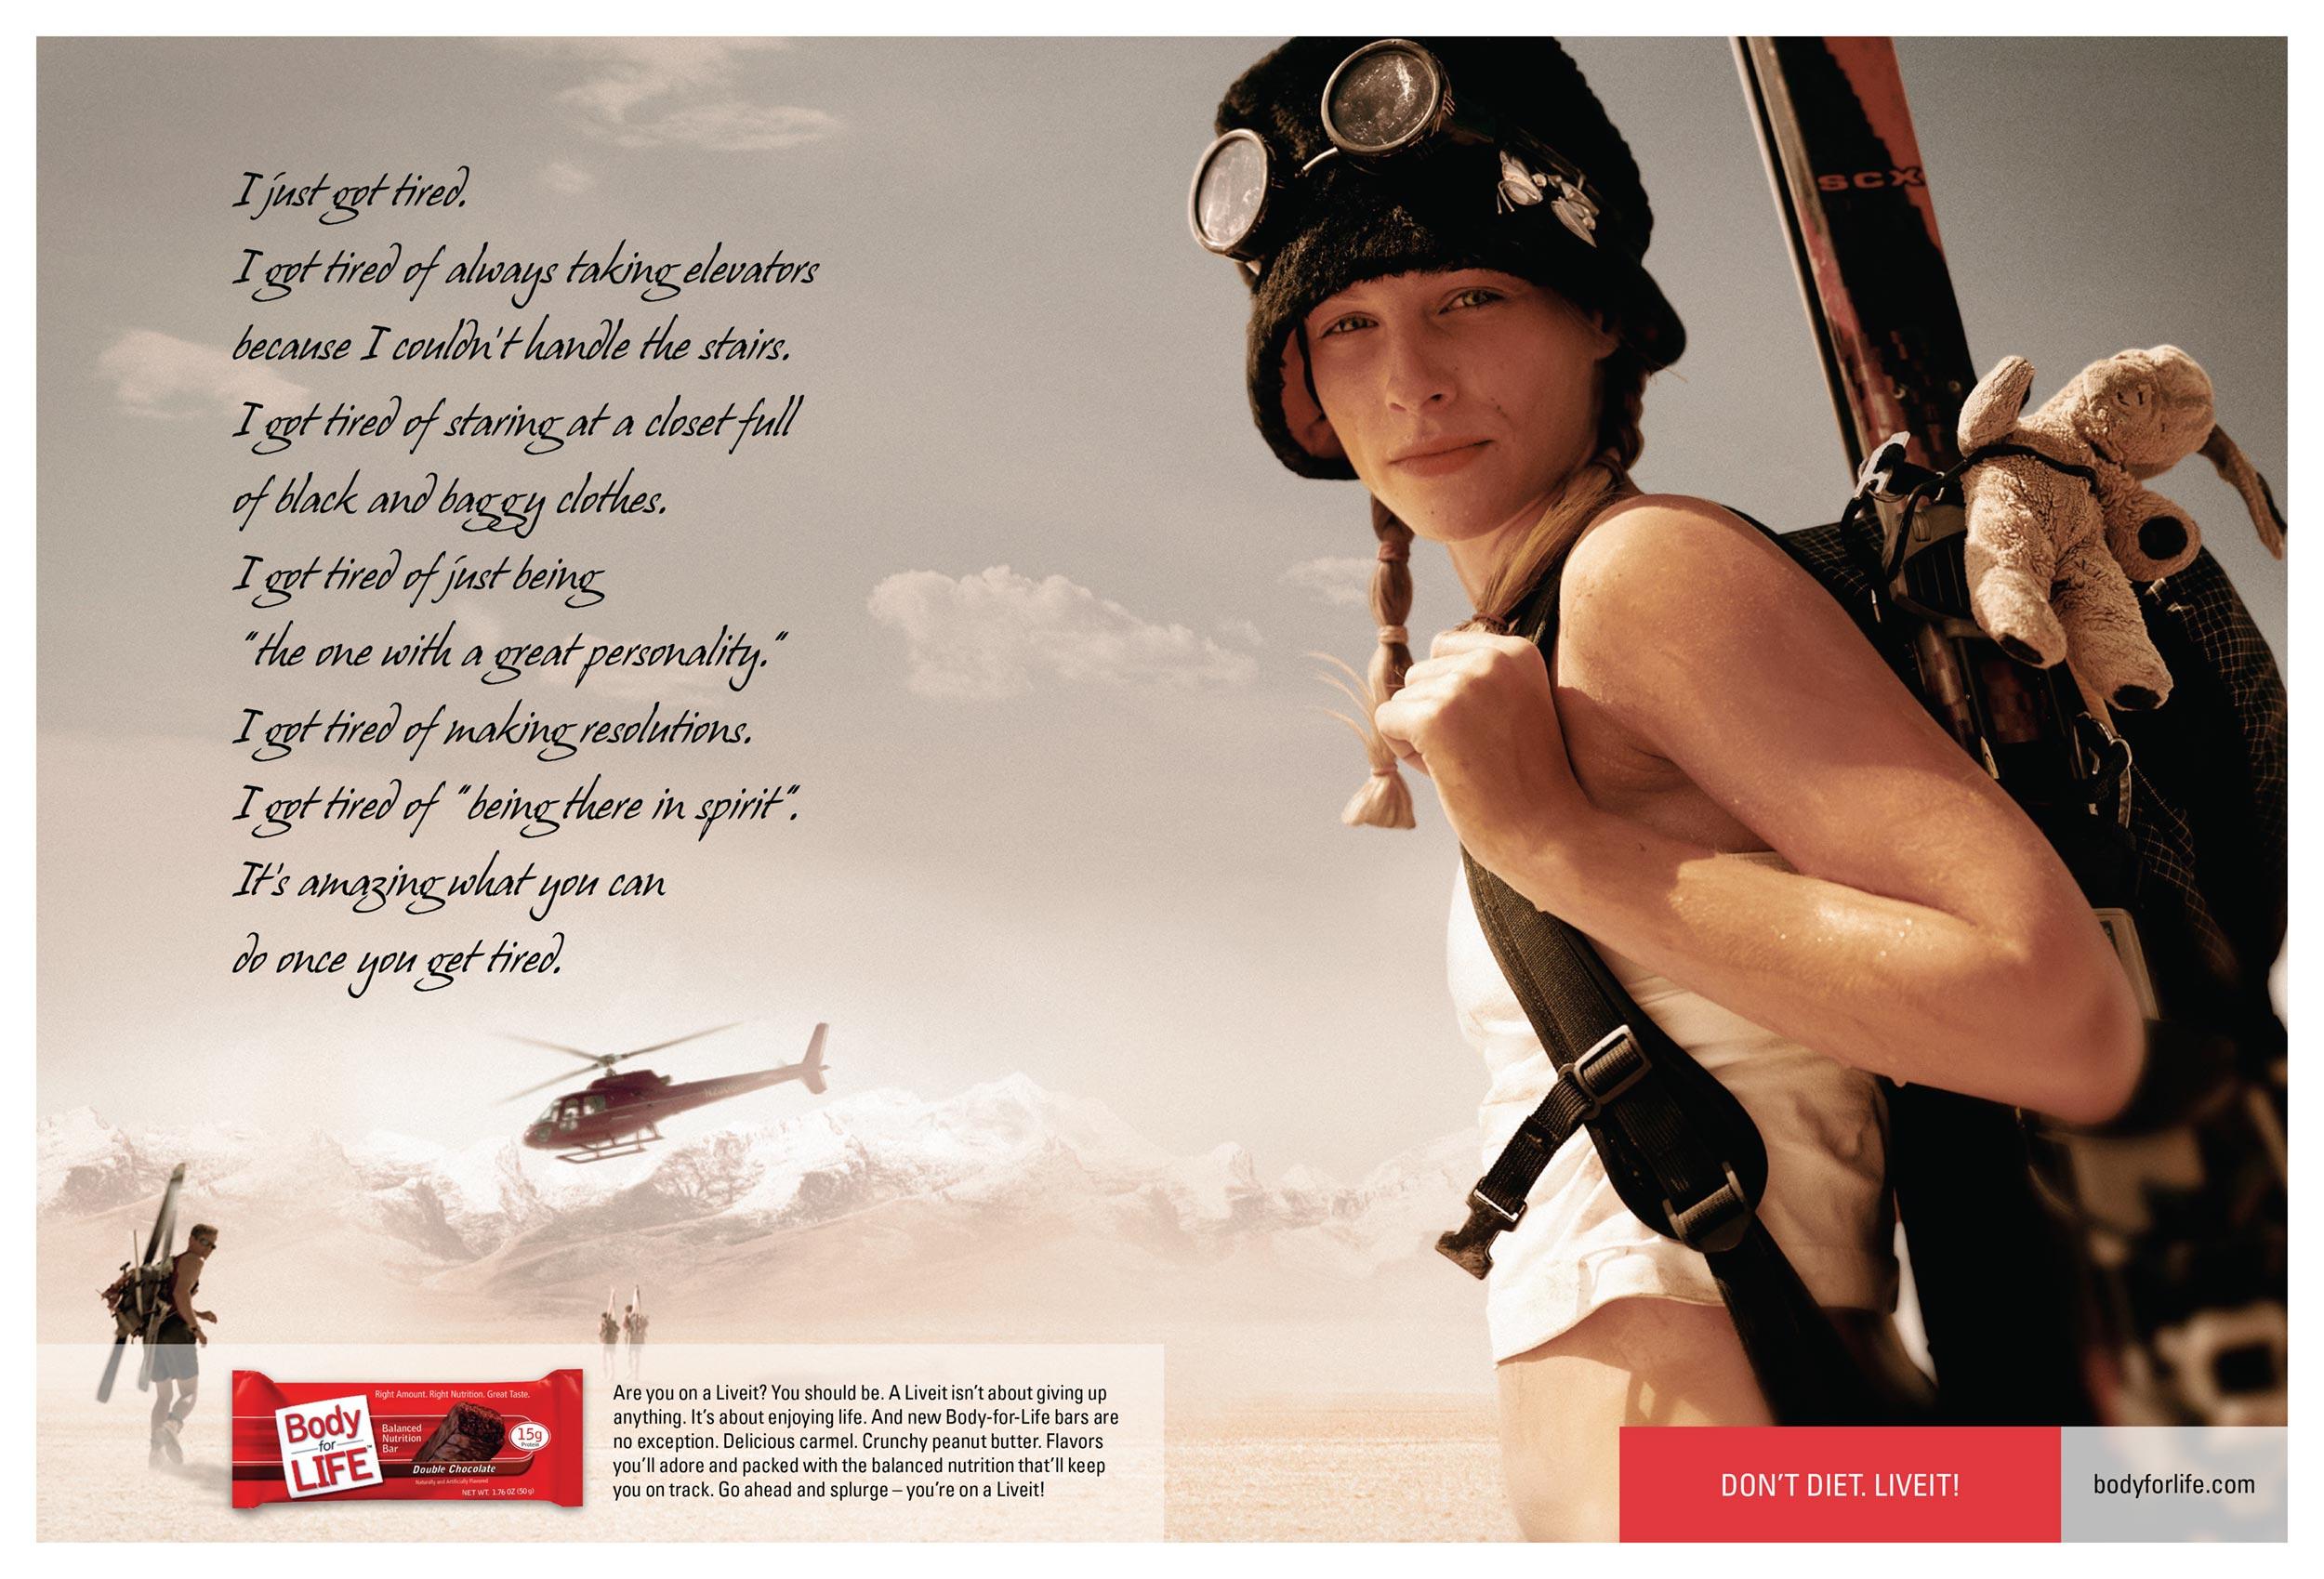 BodyForLife_Ads-1.jpg